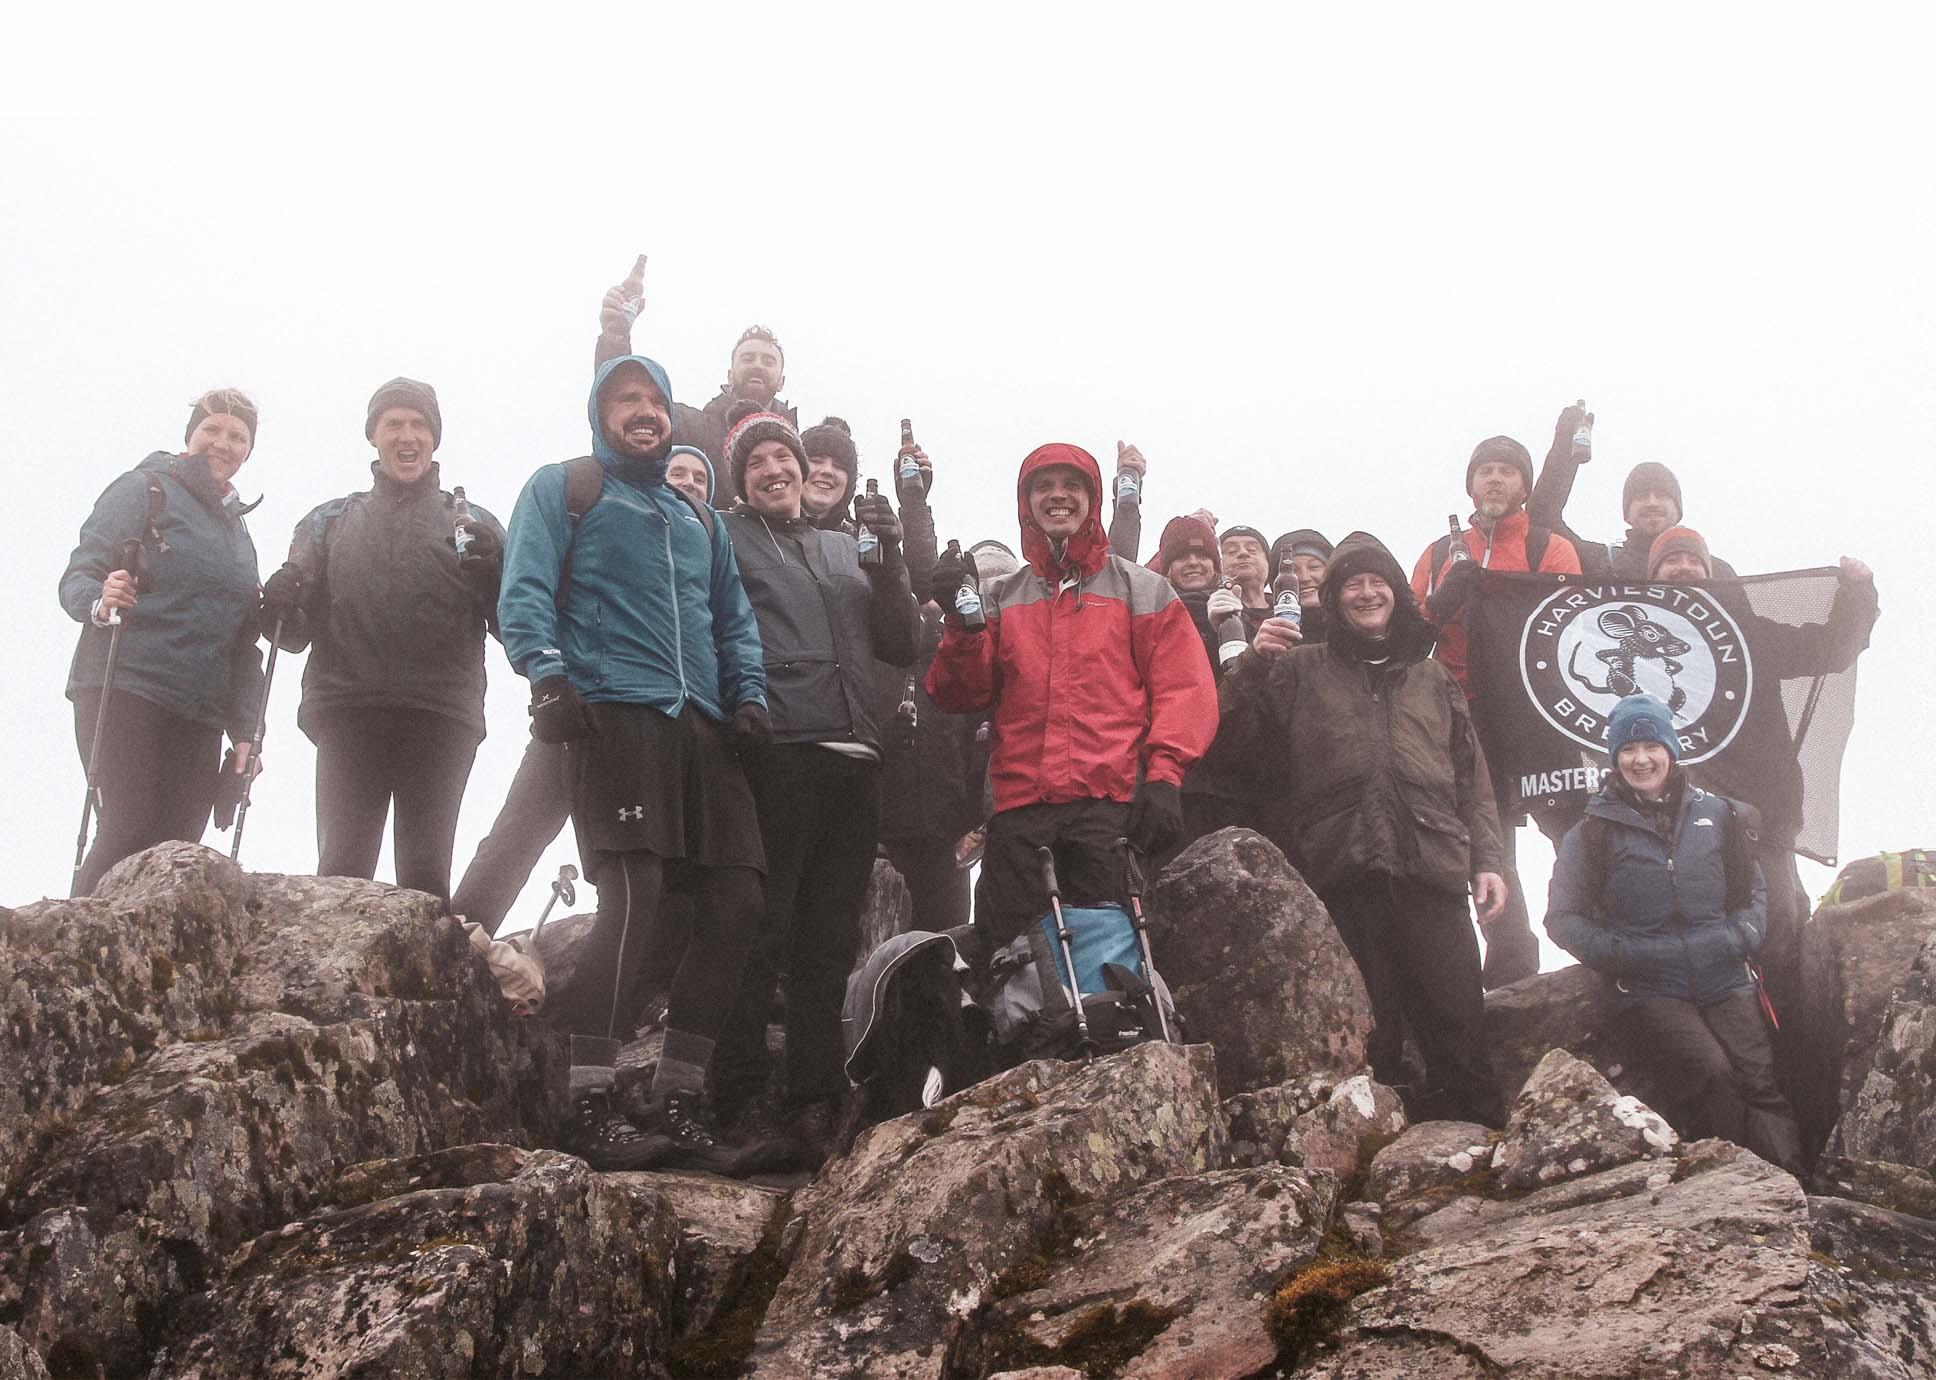 Harviestoun Brewery Team Take On Munro Climb photo